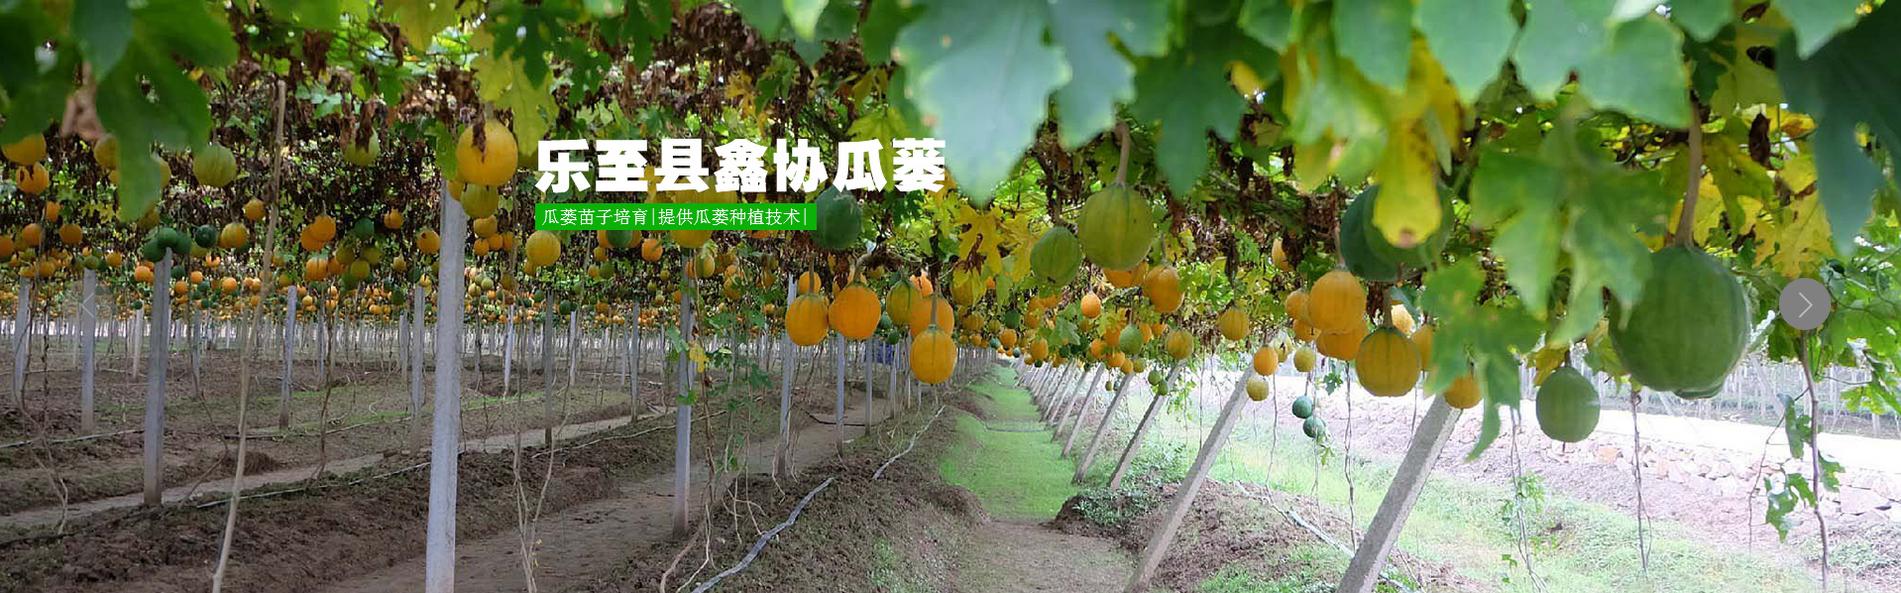 黄精种苗价格 自贡鑫协瓜蒌位置 乐至县鑫协中药材专业合作社